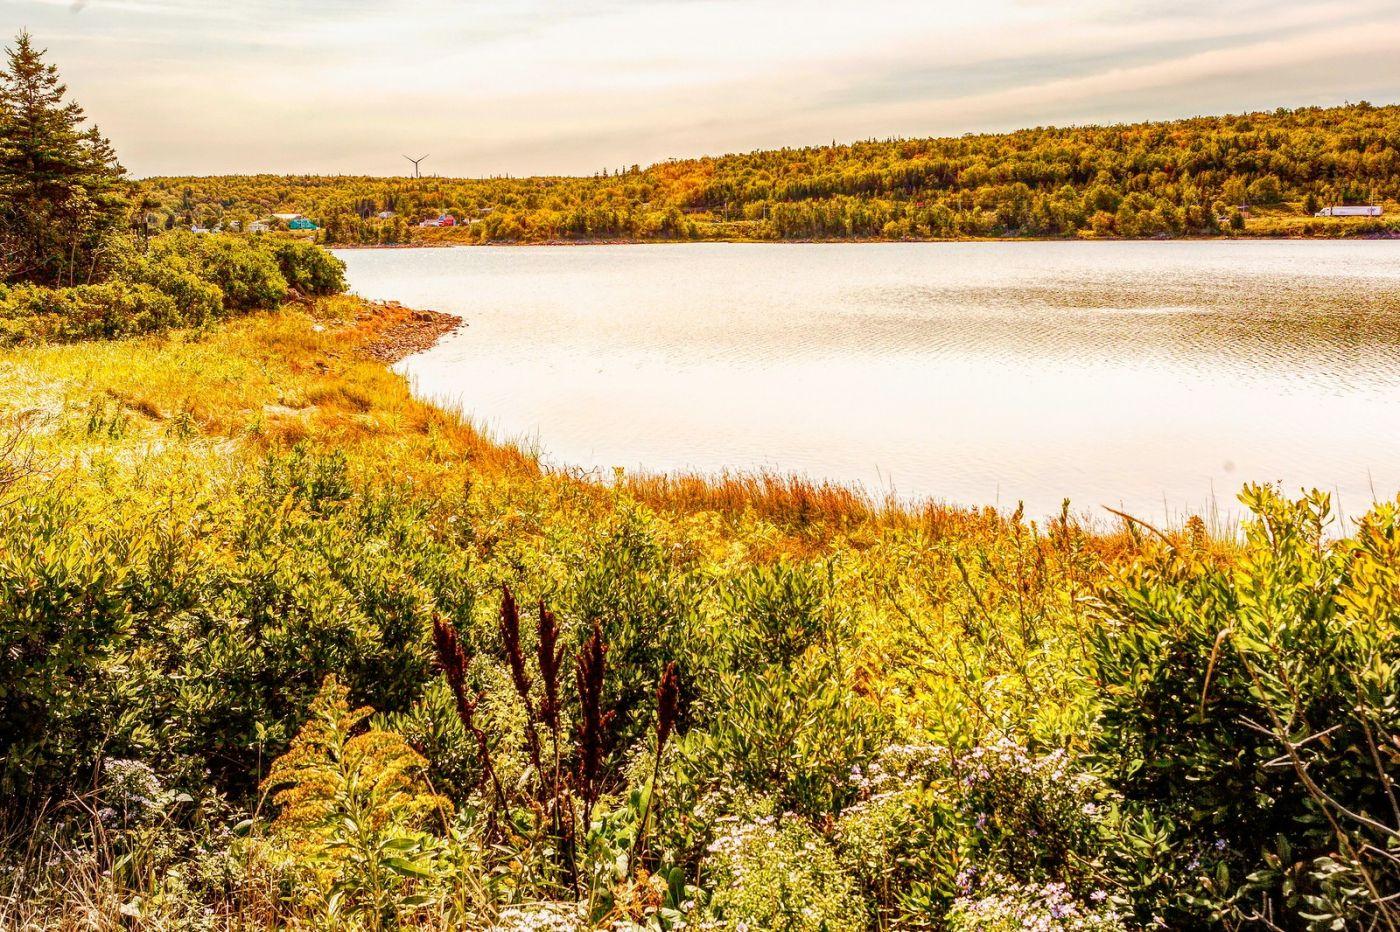 加拿大路途,水边抓拍_图1-7